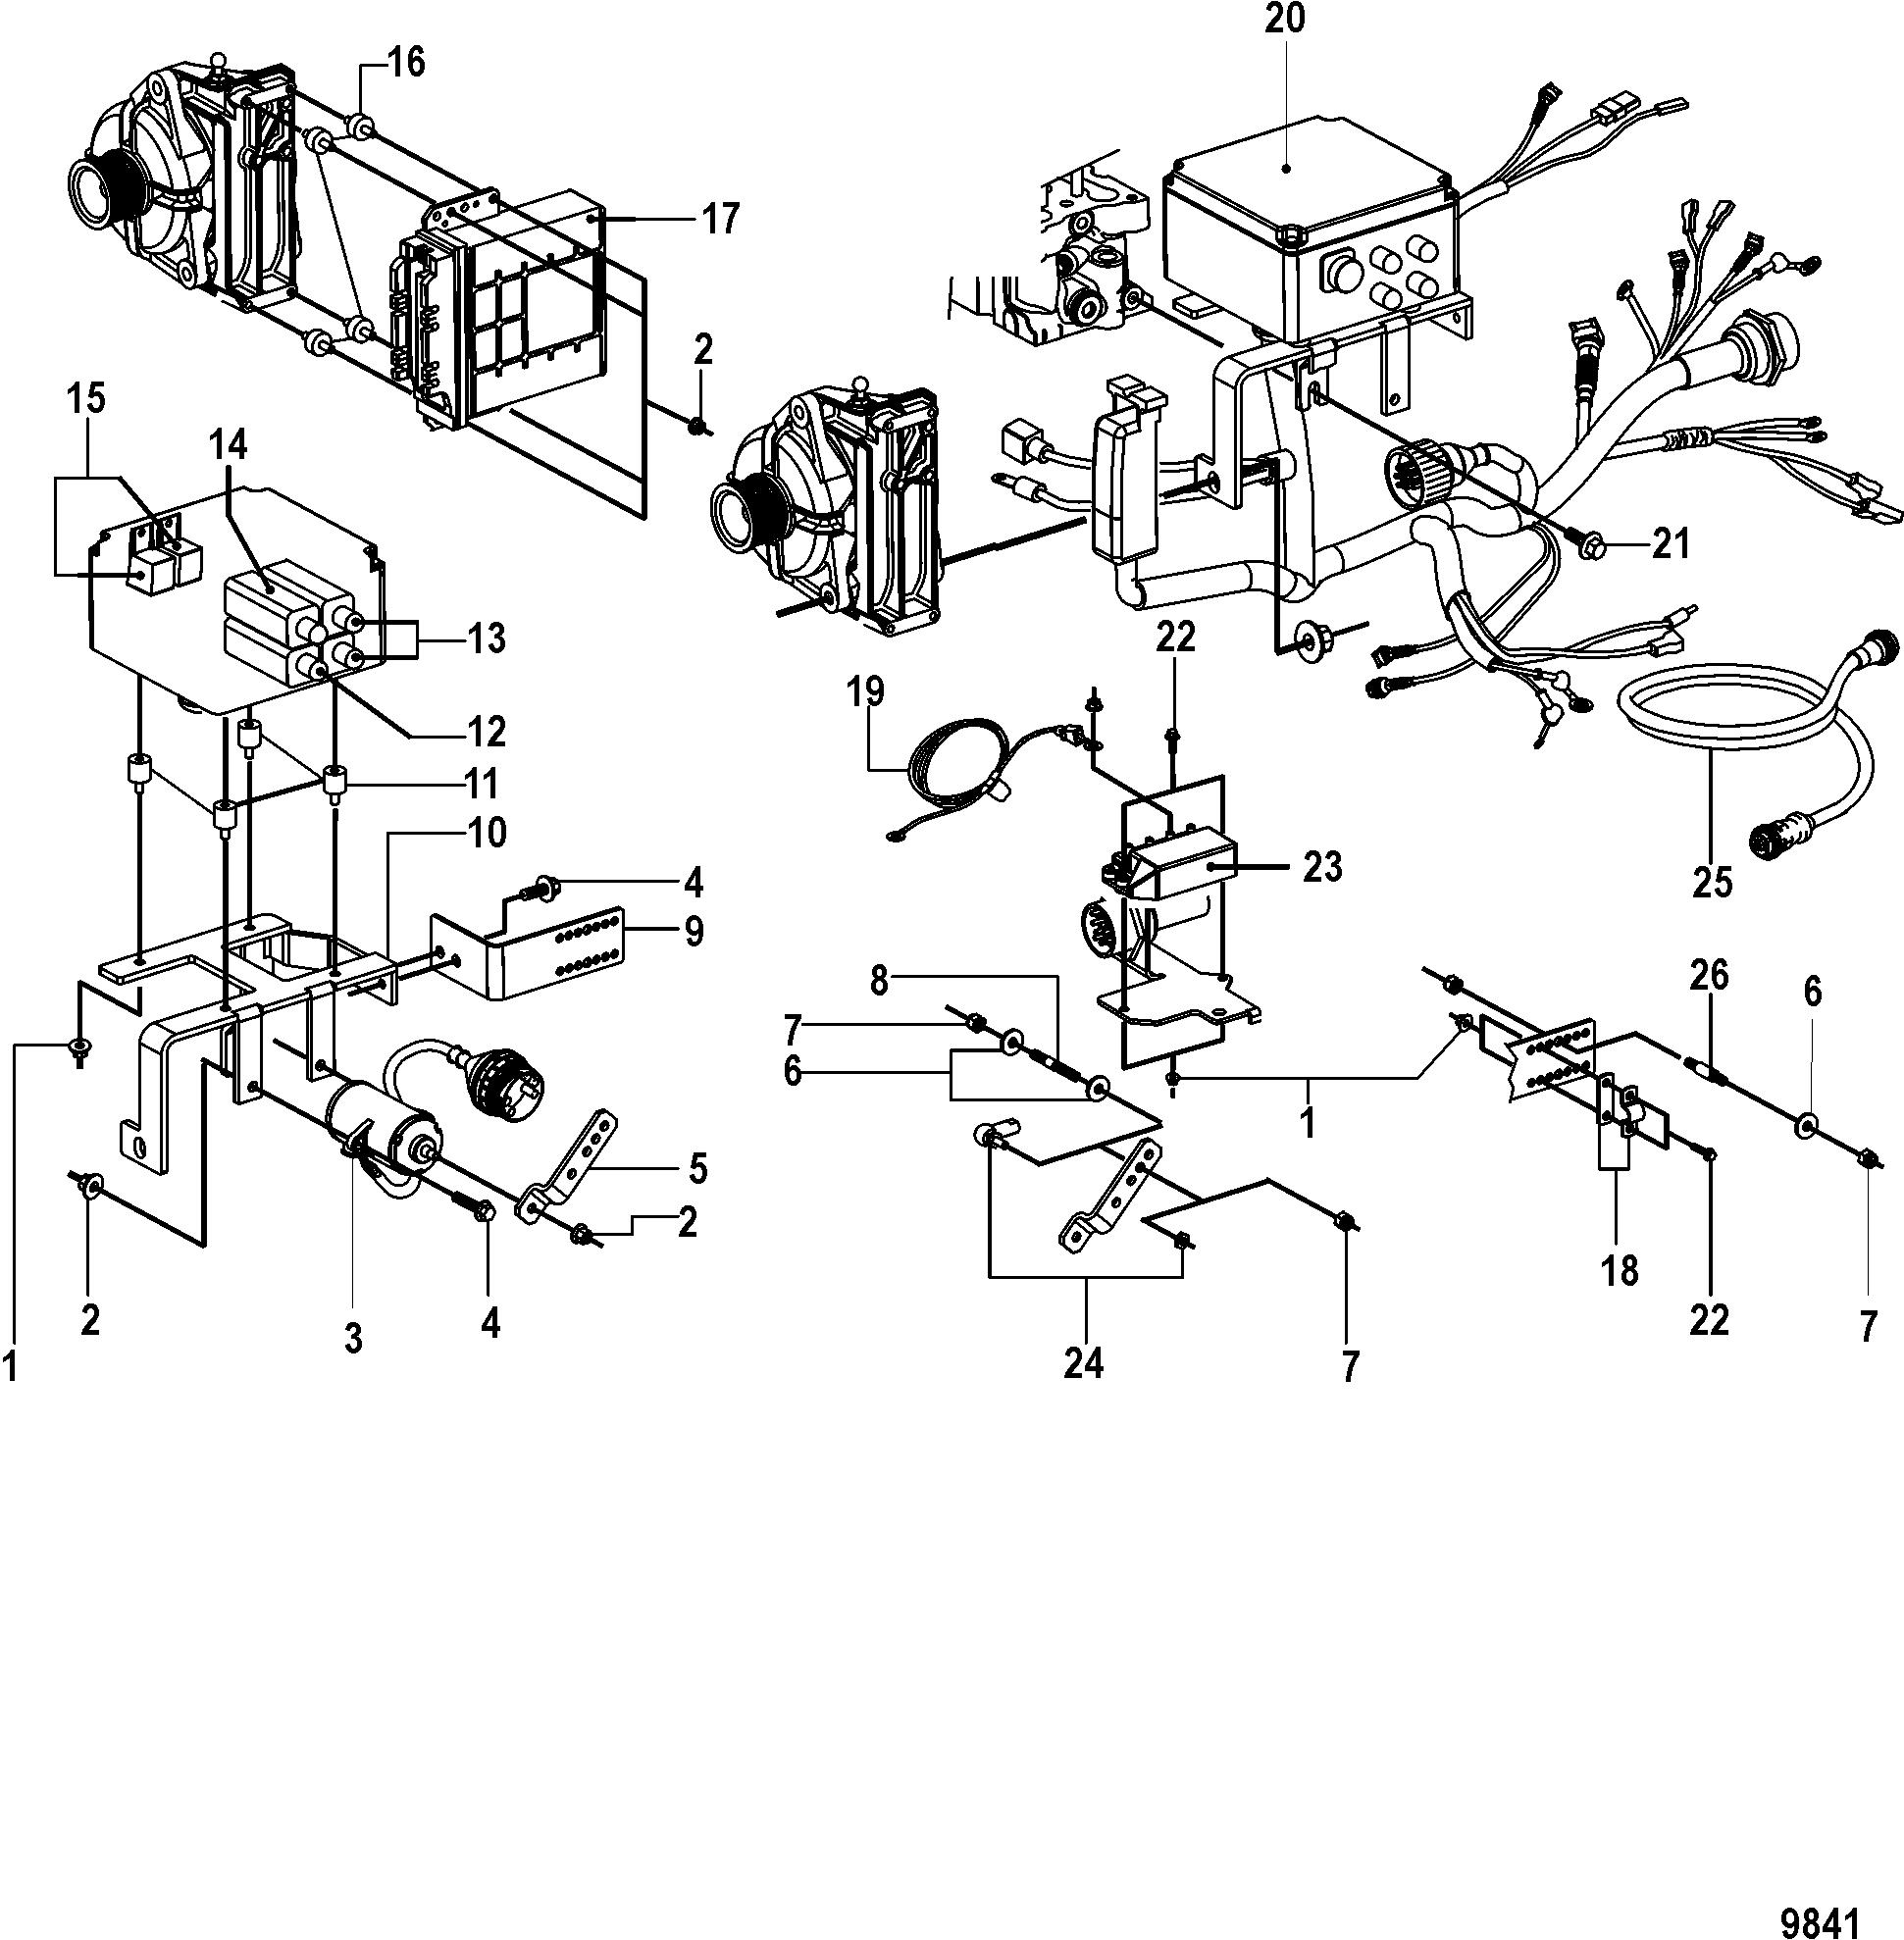 1987 mercruiser 3 0 wiring diagram leviton gfci wiring